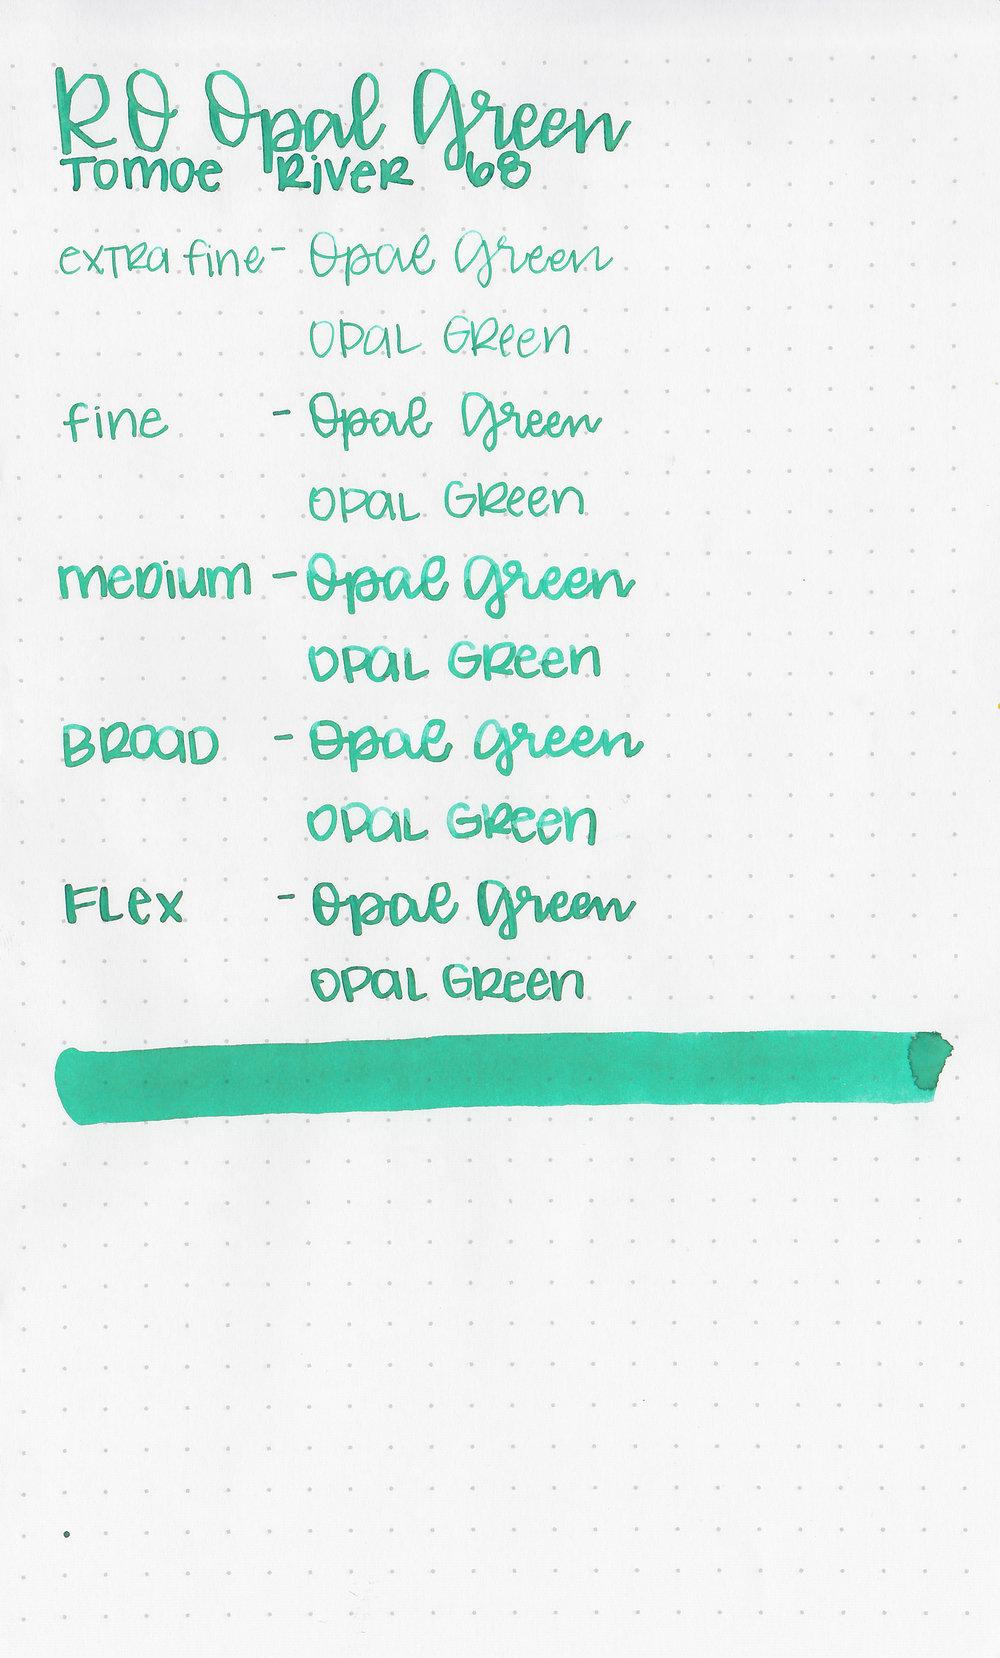 ro-opal-green-7.jpg